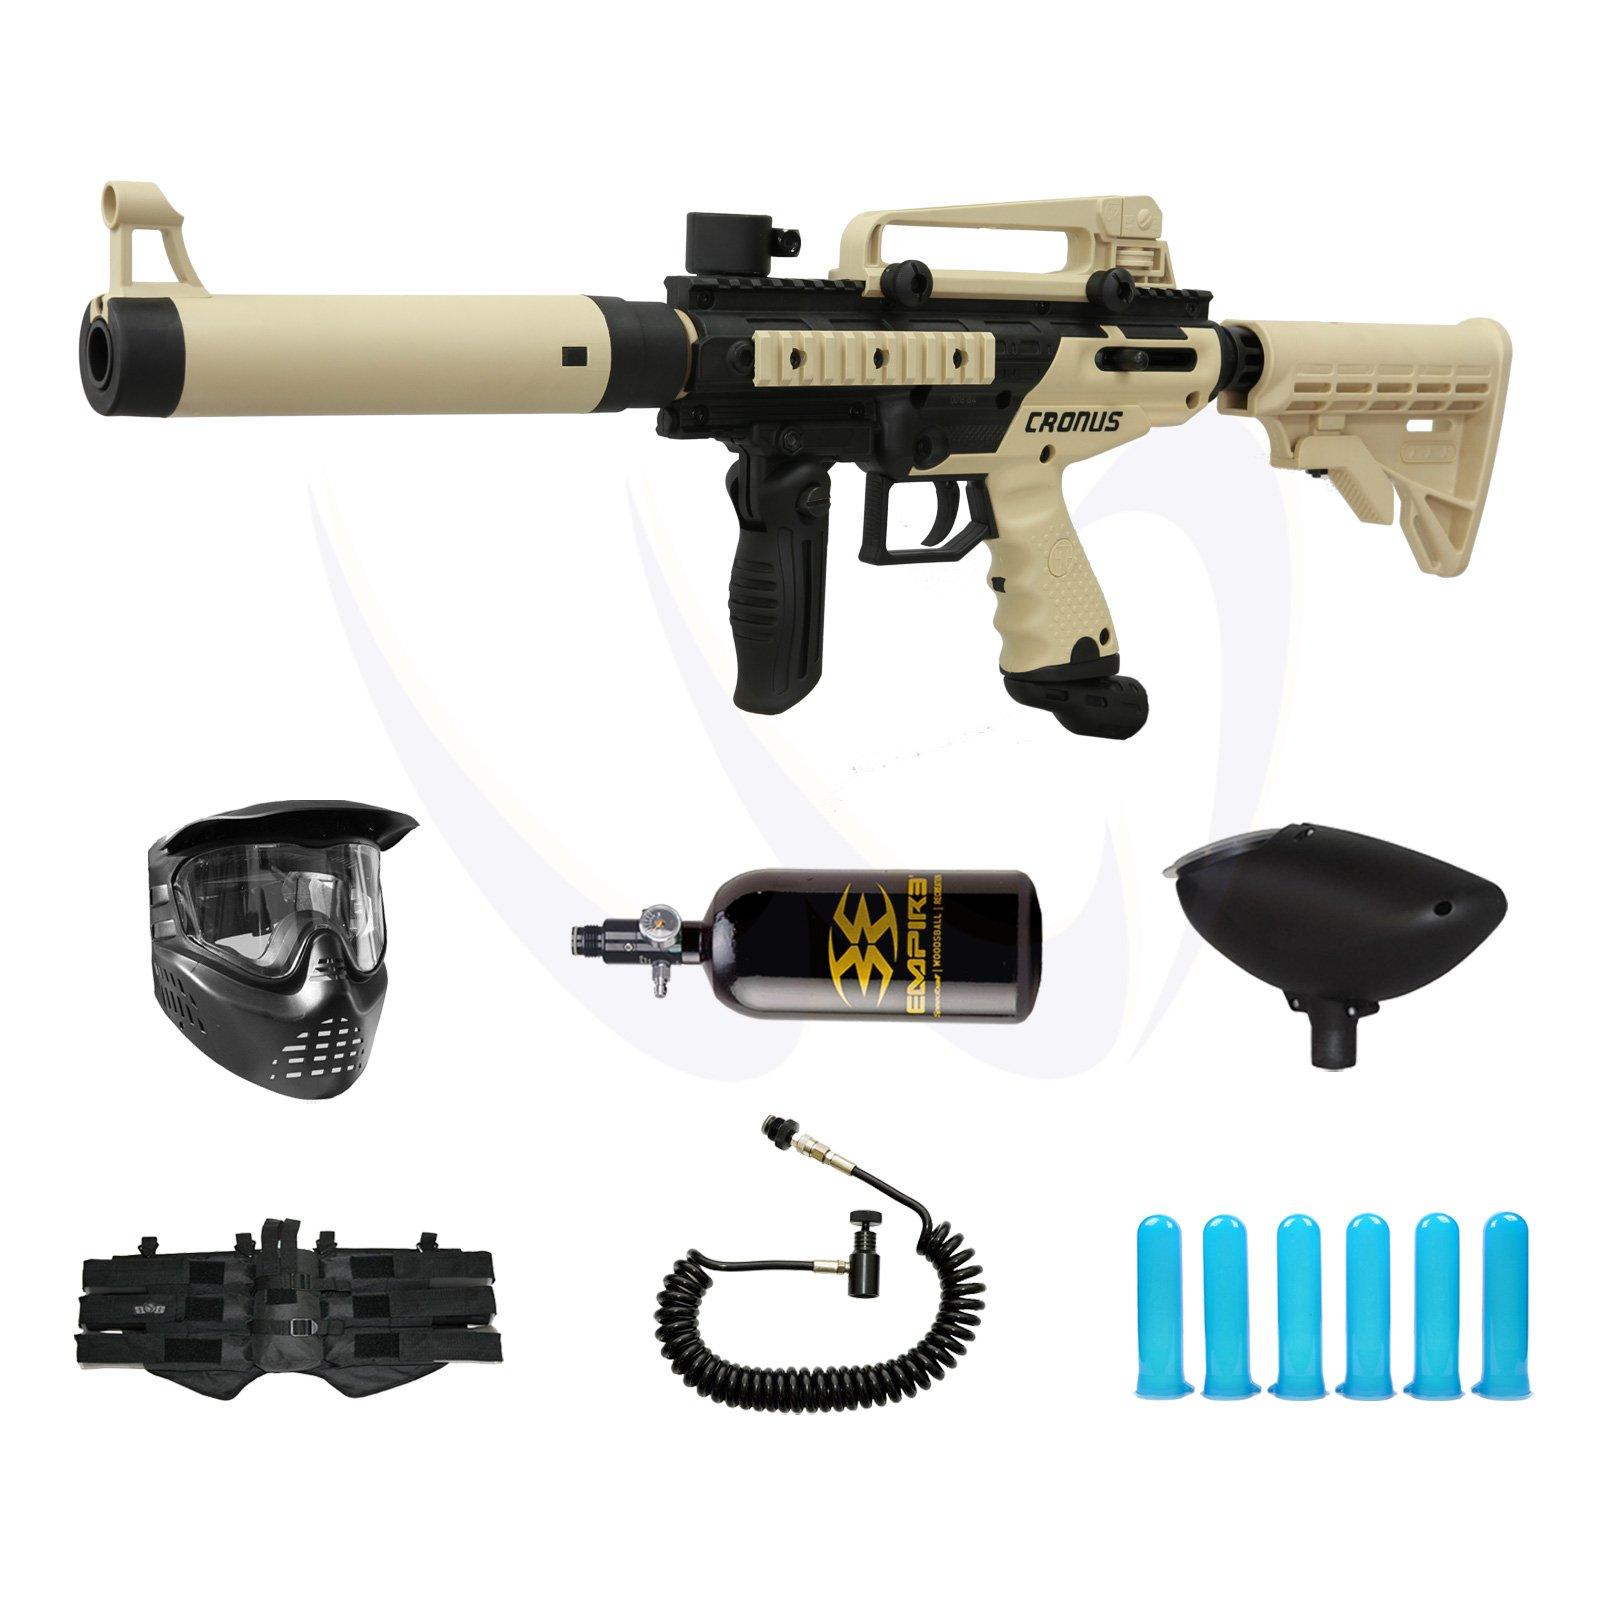 Tippmann Cronus Tactical - Tan - M-F Paintball Gun Power N2 Pack